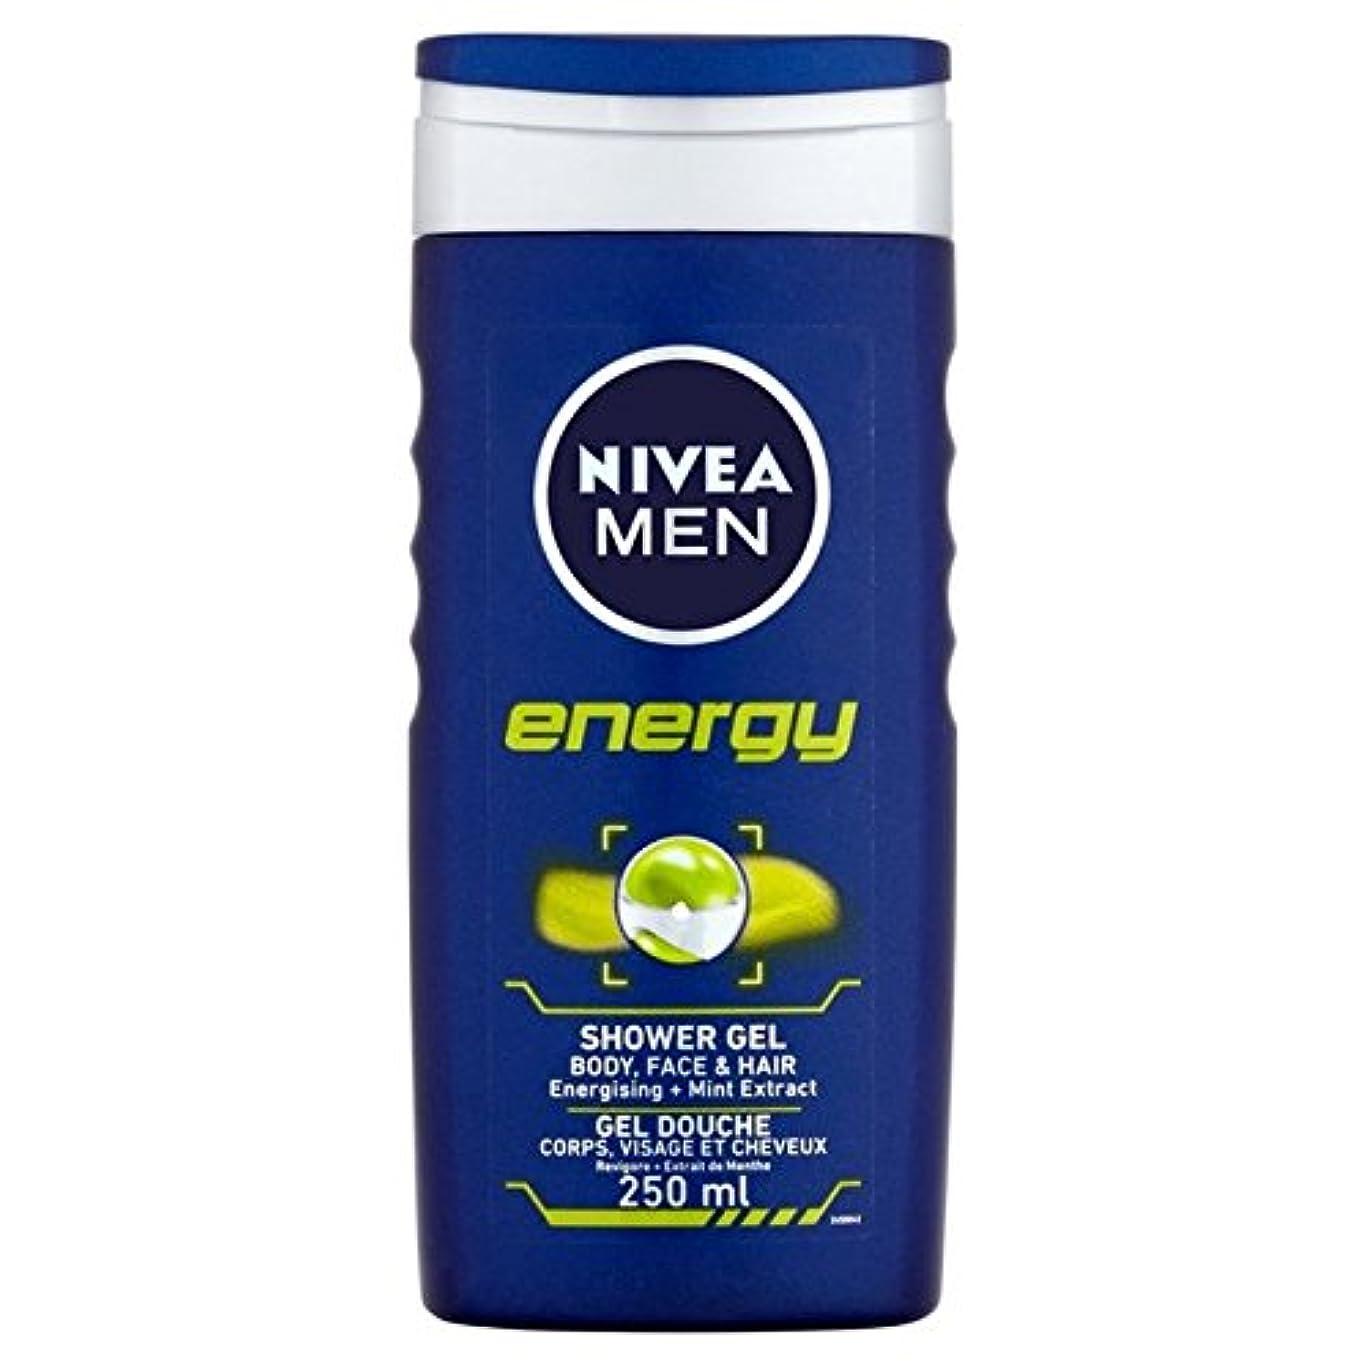 前任者匿名ペチコートNivea Men Energy 2 in 1 Shower 250ml - 1つのシャワー250ミリリットル中ニベアの男性のエネルギー2 [並行輸入品]